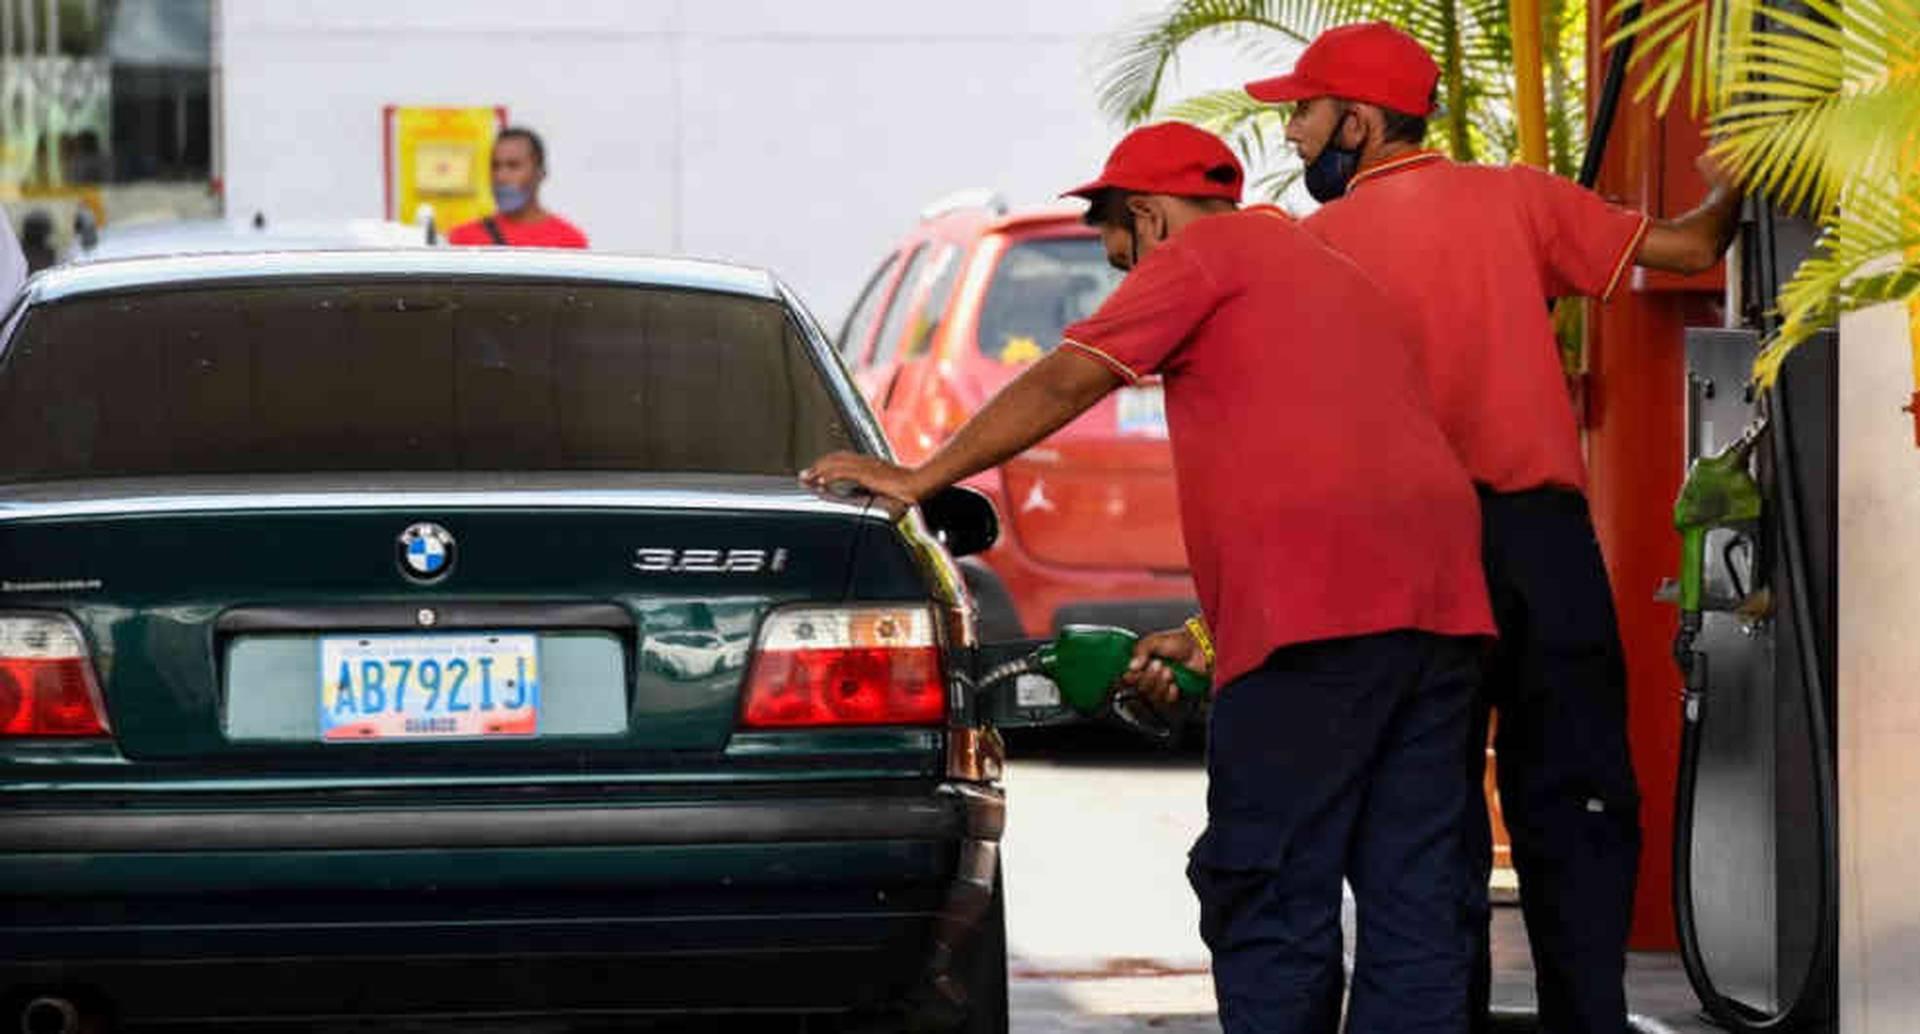 11 de julio subirá la gasolina en algunos puntos del país | Colombia hoy